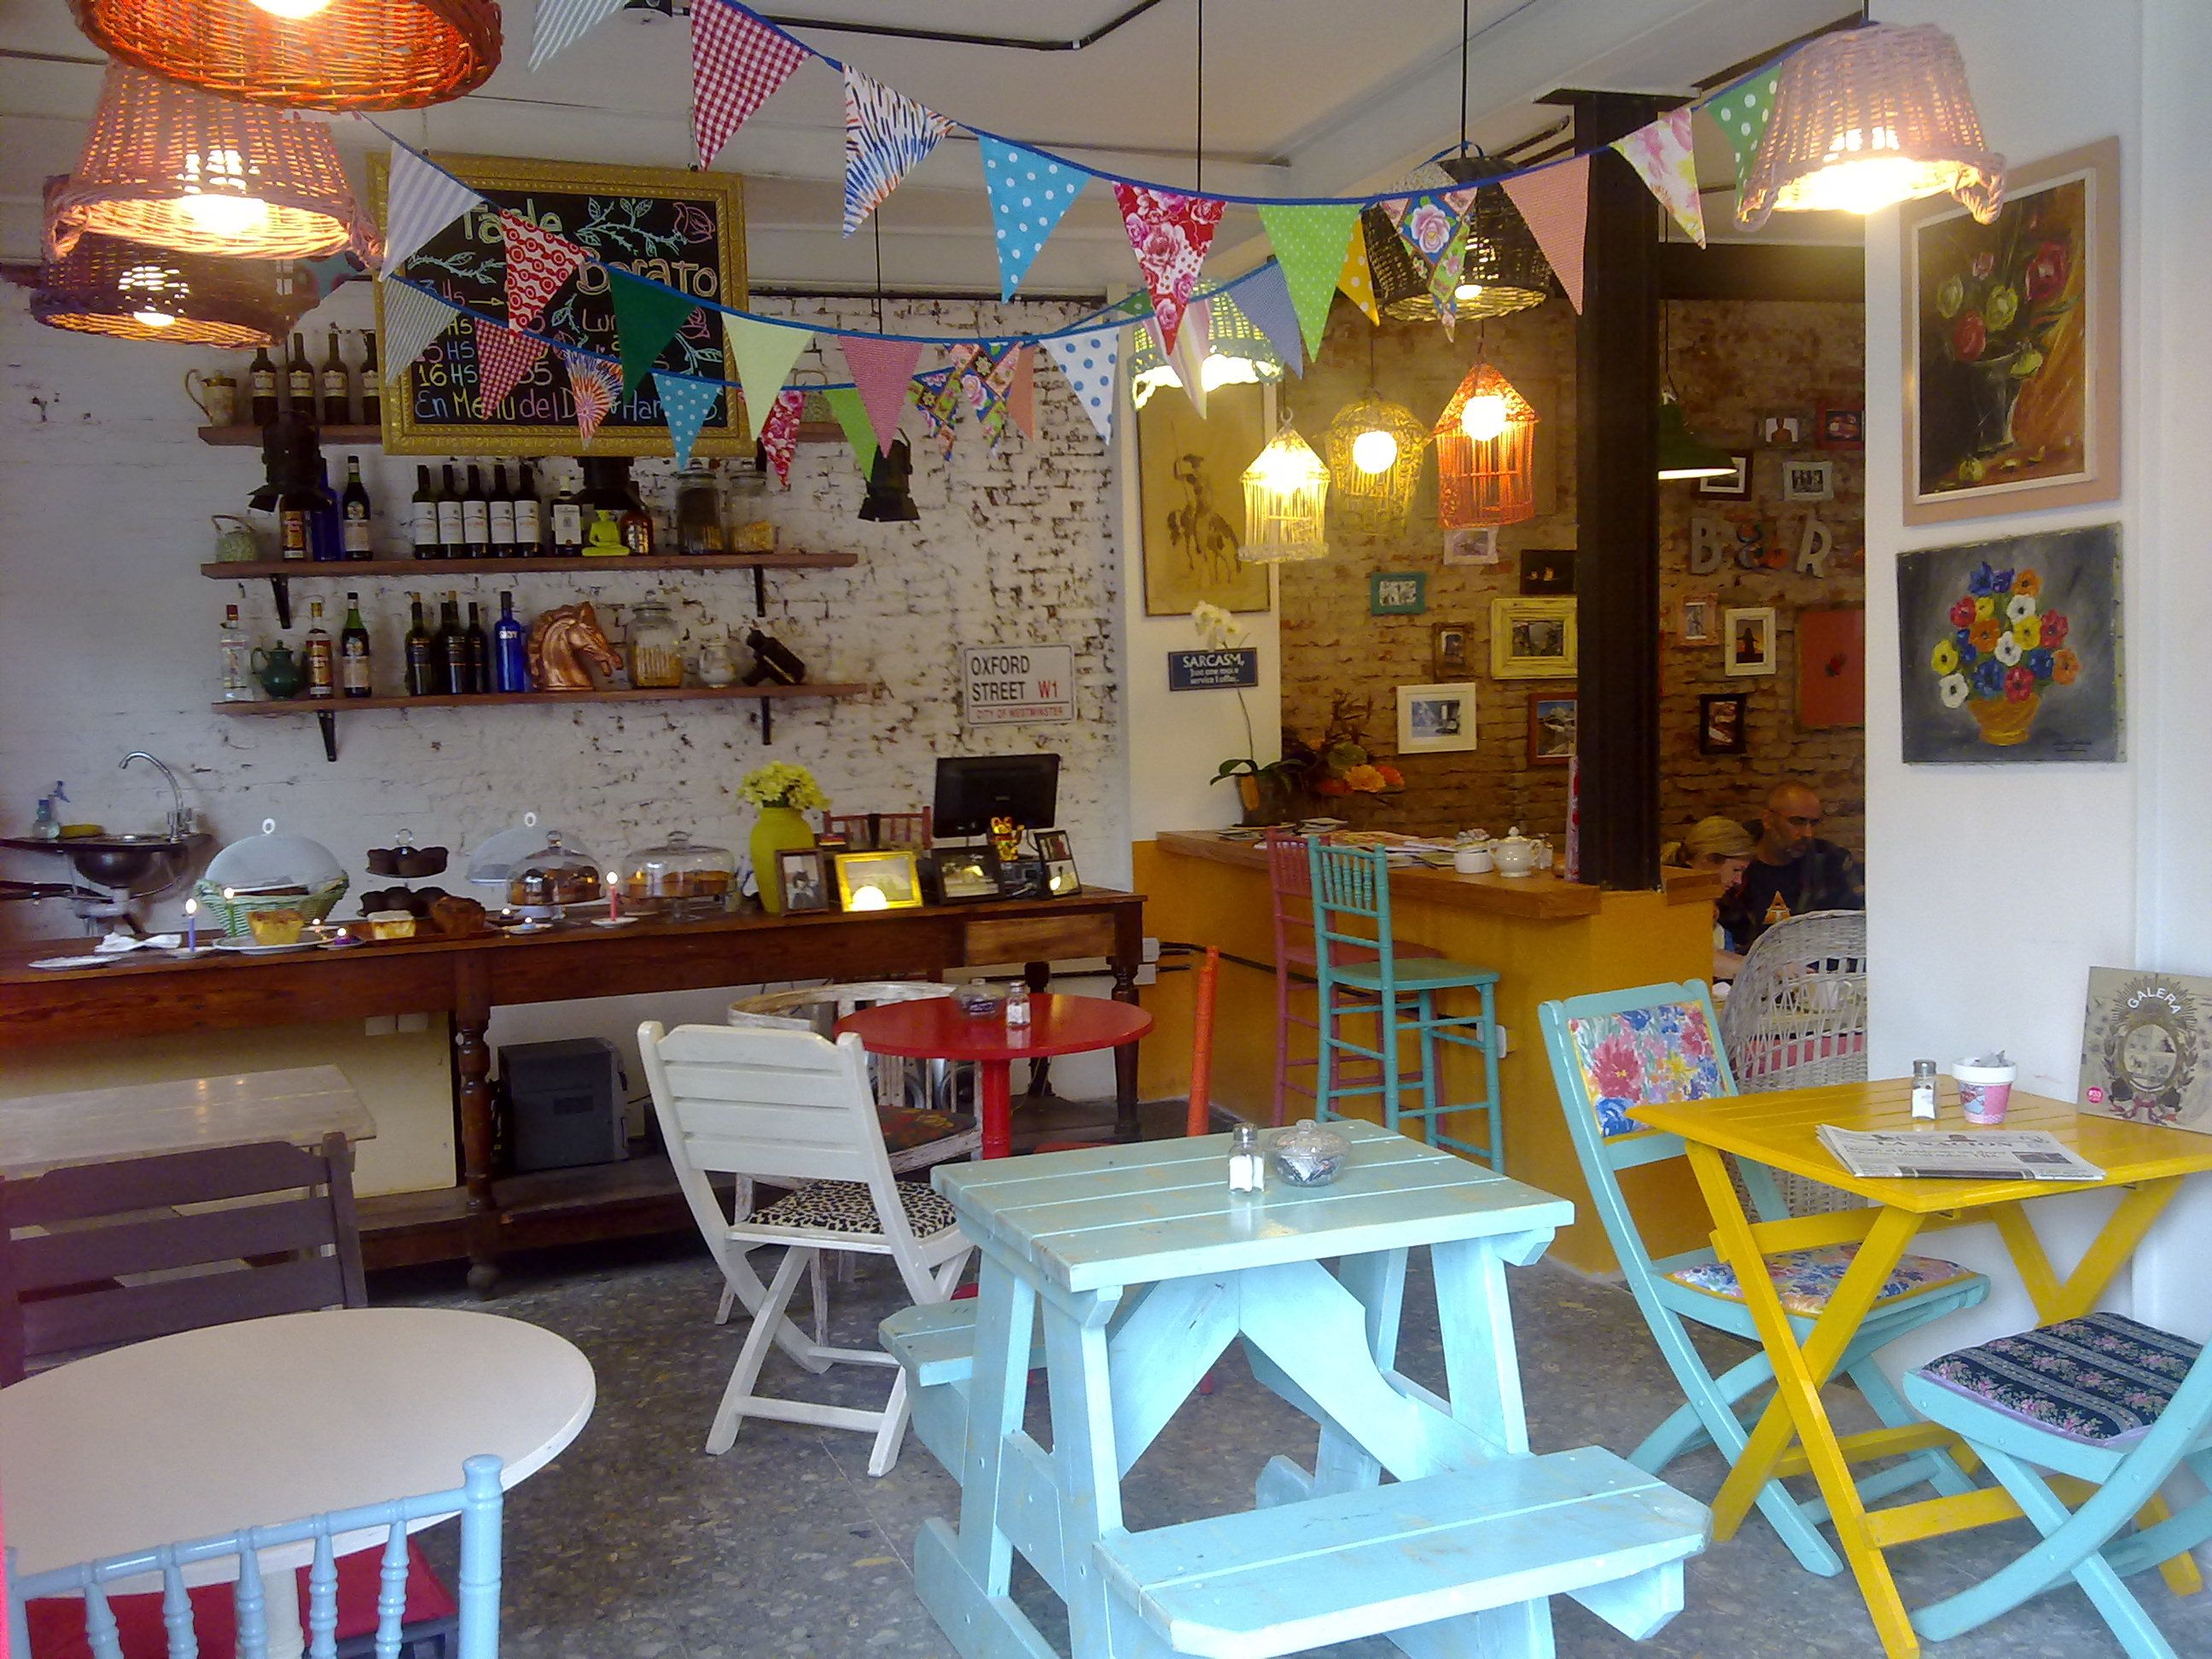 Muebles Sustentables Dardo Rocha - Bartola Mezcla El Arte Y La Decoraci N Combinados Con Viejos [mjhdah]https://image.isu.pub/140707175030-106f558740b6dd9c5a30b101884270cc/jpg/page_1.jpg